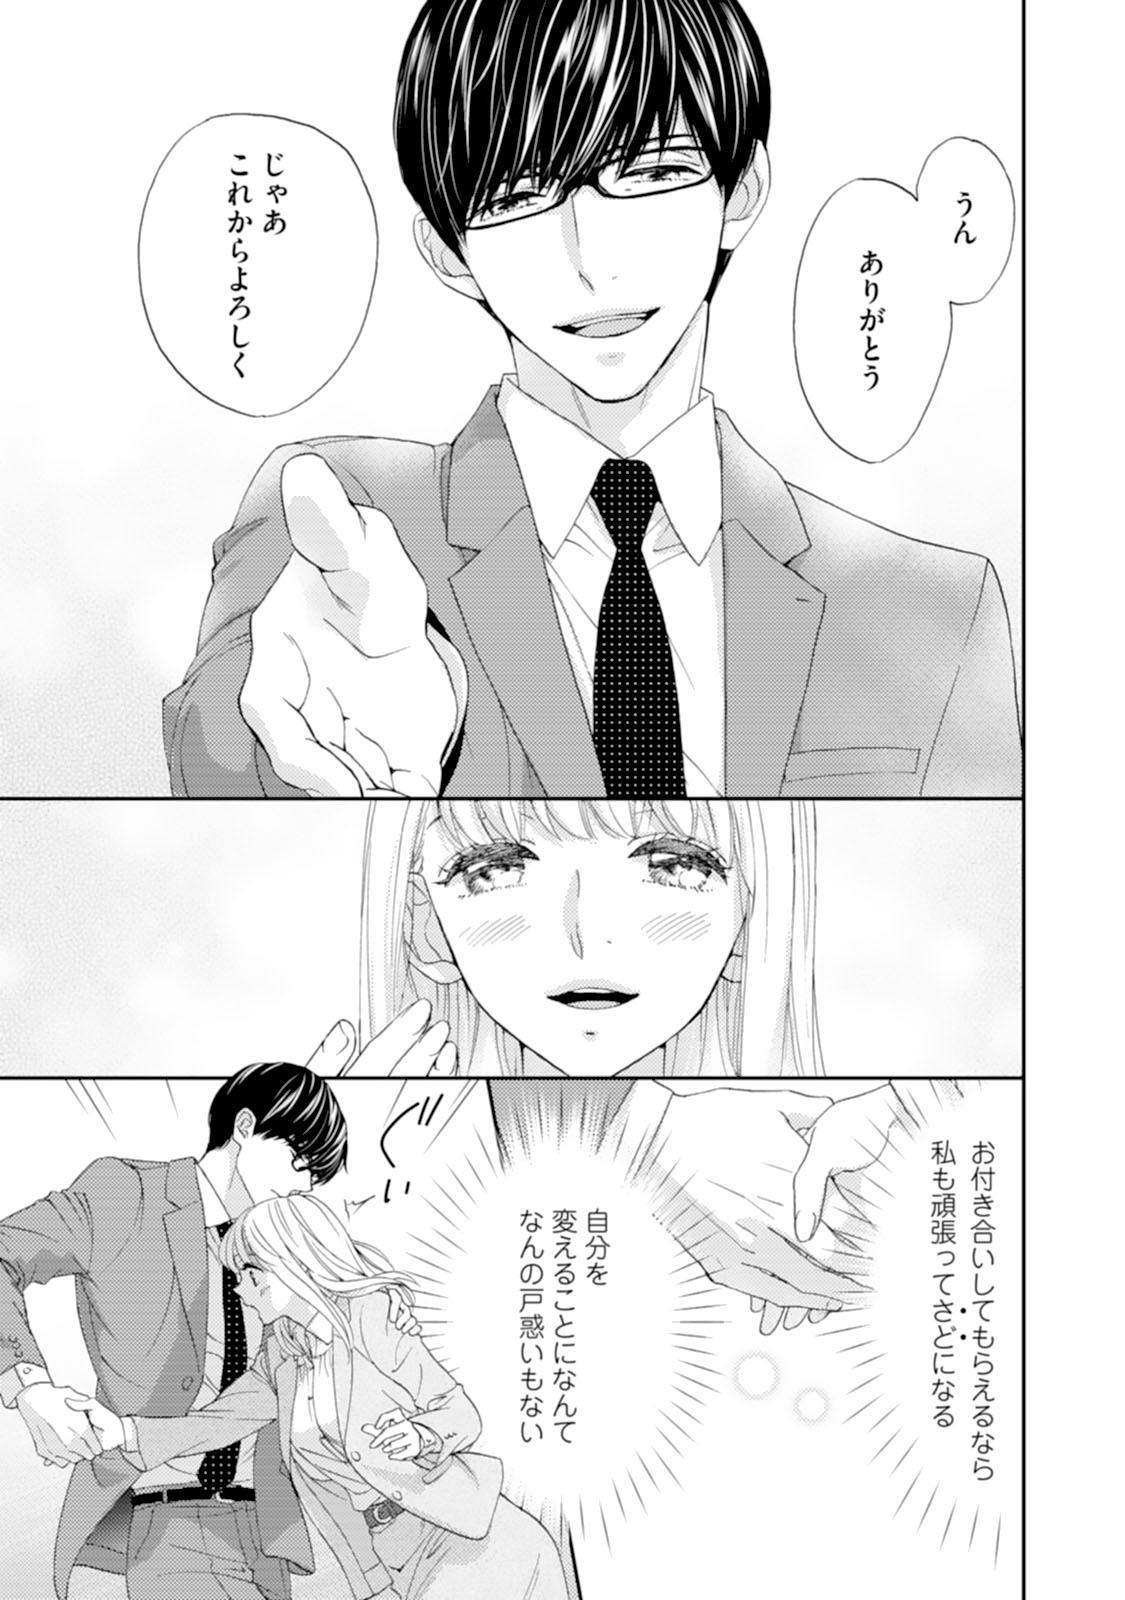 [Adumi Yuu] Choukyou-kei Danshi Ookami-sama to Koneko-chan Ch. 1-3 35